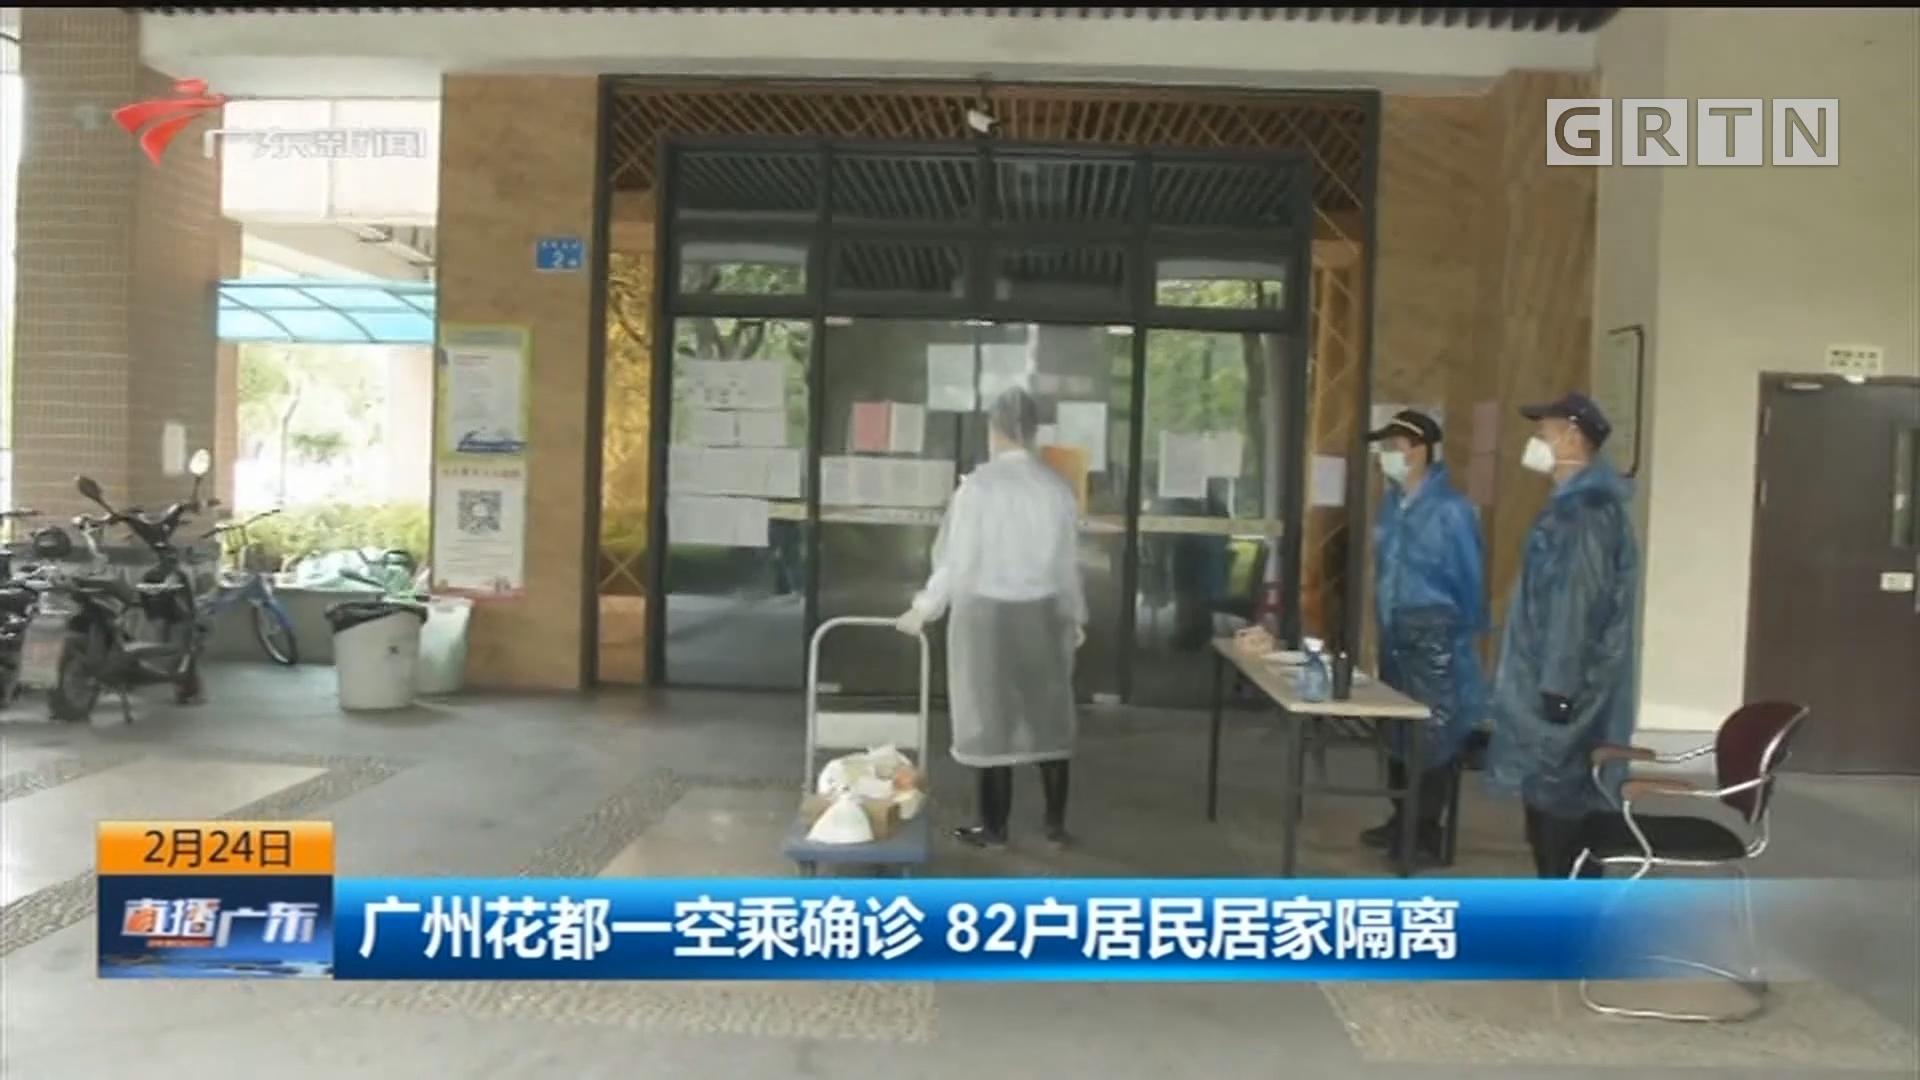 广州花都一空乘确诊 82户居民居家隔离